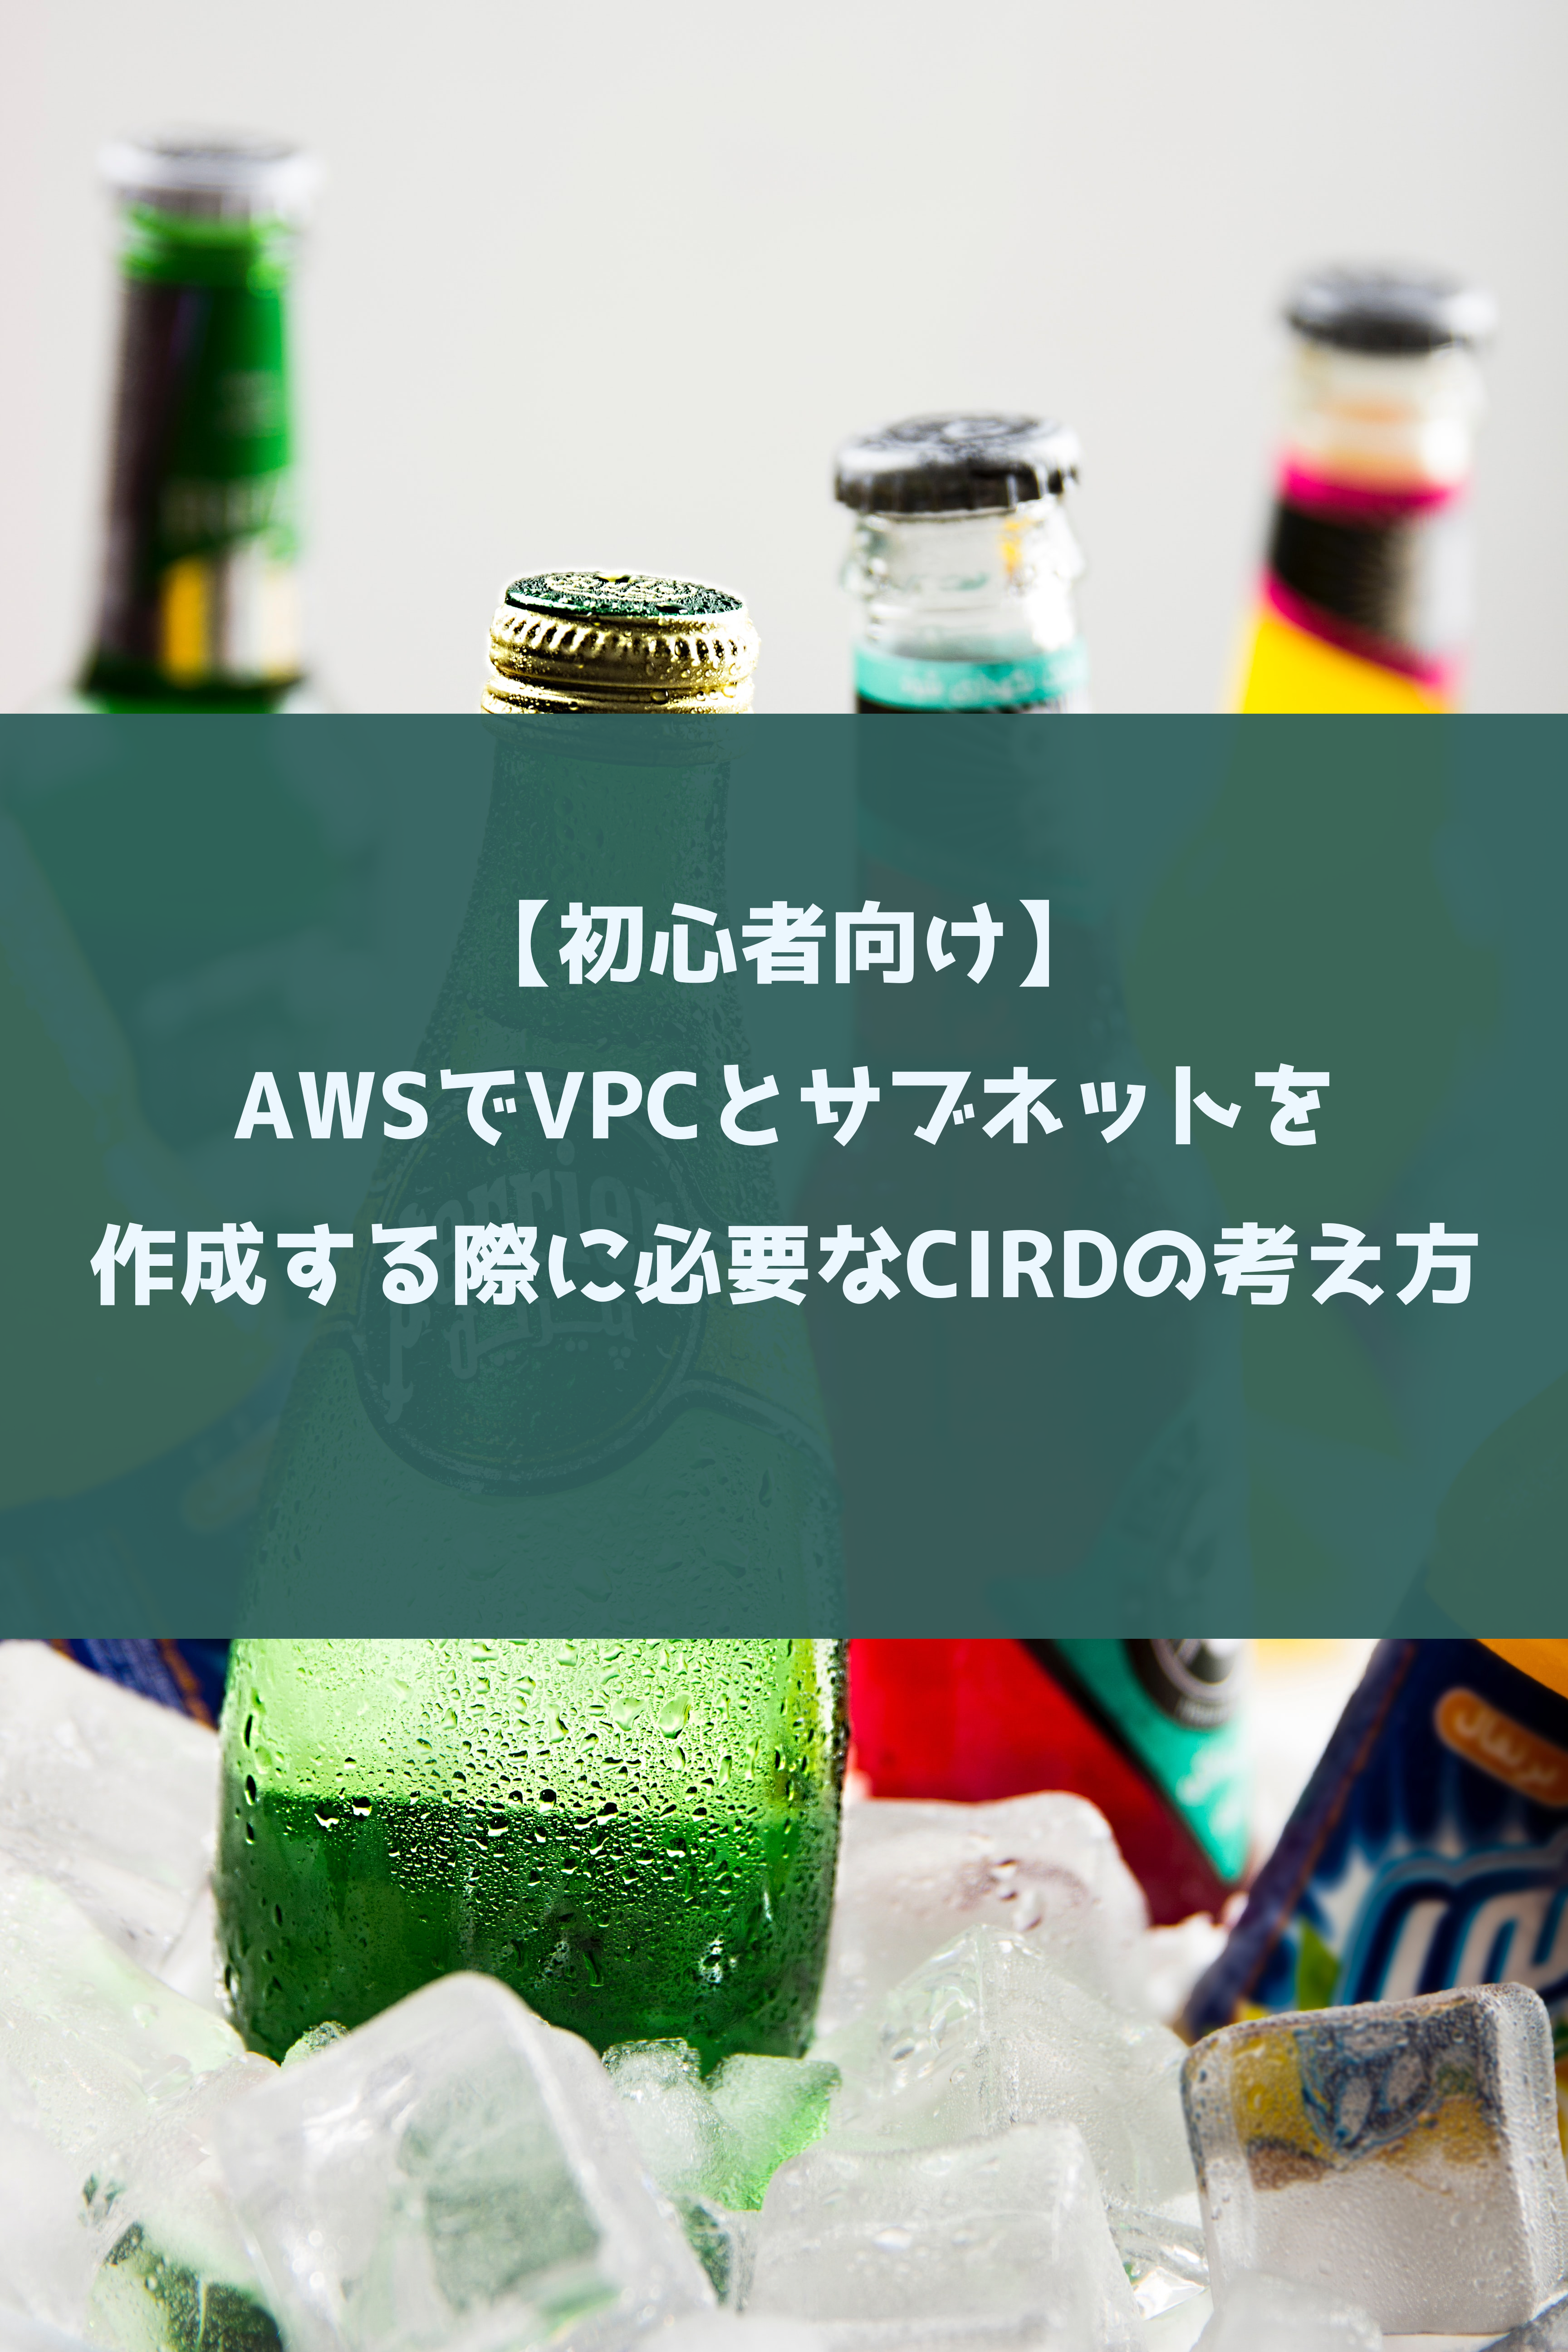 【初心者向け】AWSでVPCとサブネットを作成する際に必要なCIRDの考え方